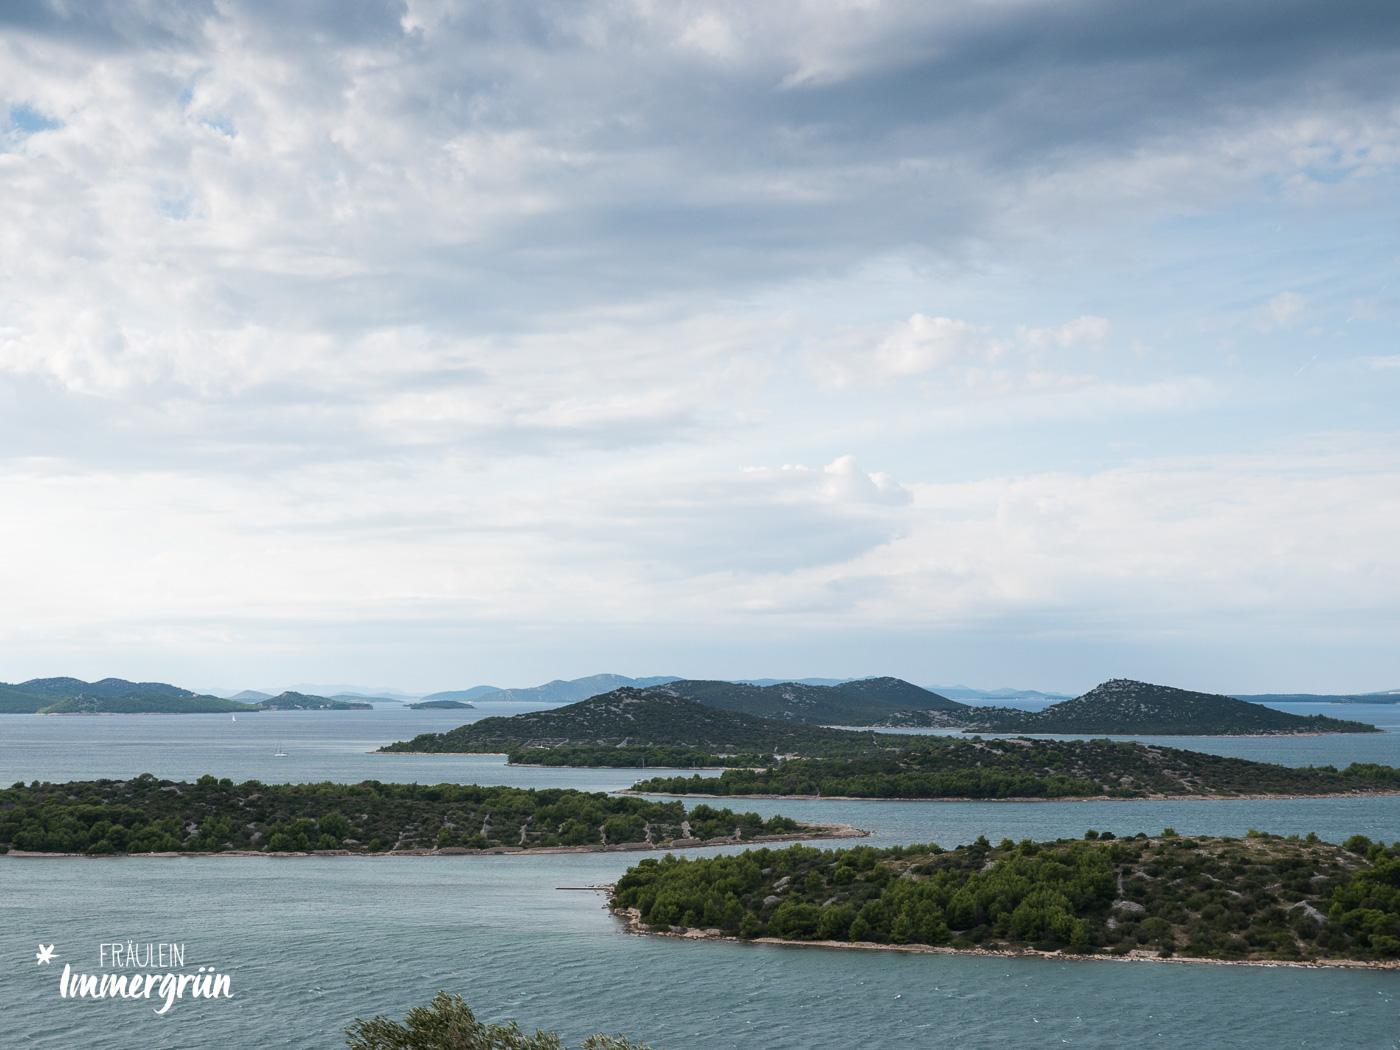 Dalmatien in Kroatien: Urlaub an der dalmatinischen Küste in der Nebensaison – Insel Murter, Blick vom Berg Gradina